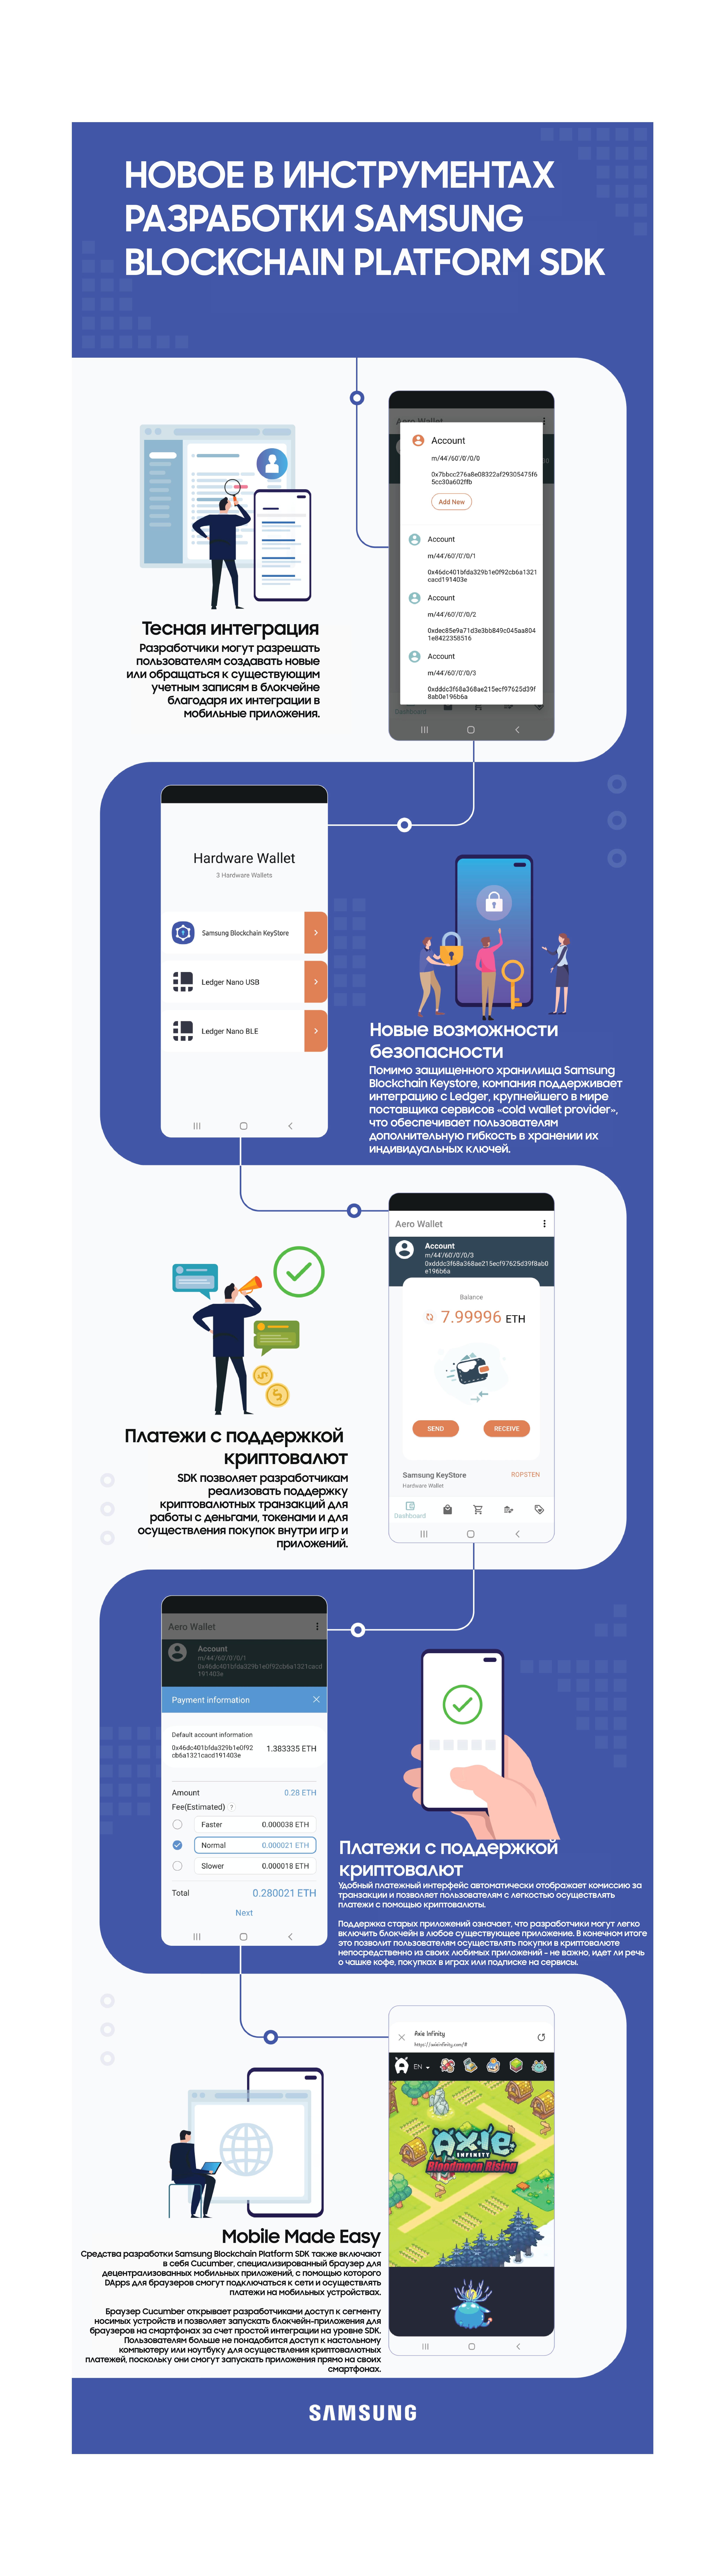 Samsung представил Samsung Blockchain Platform SDK для создания мобильных приложений на блокчейне